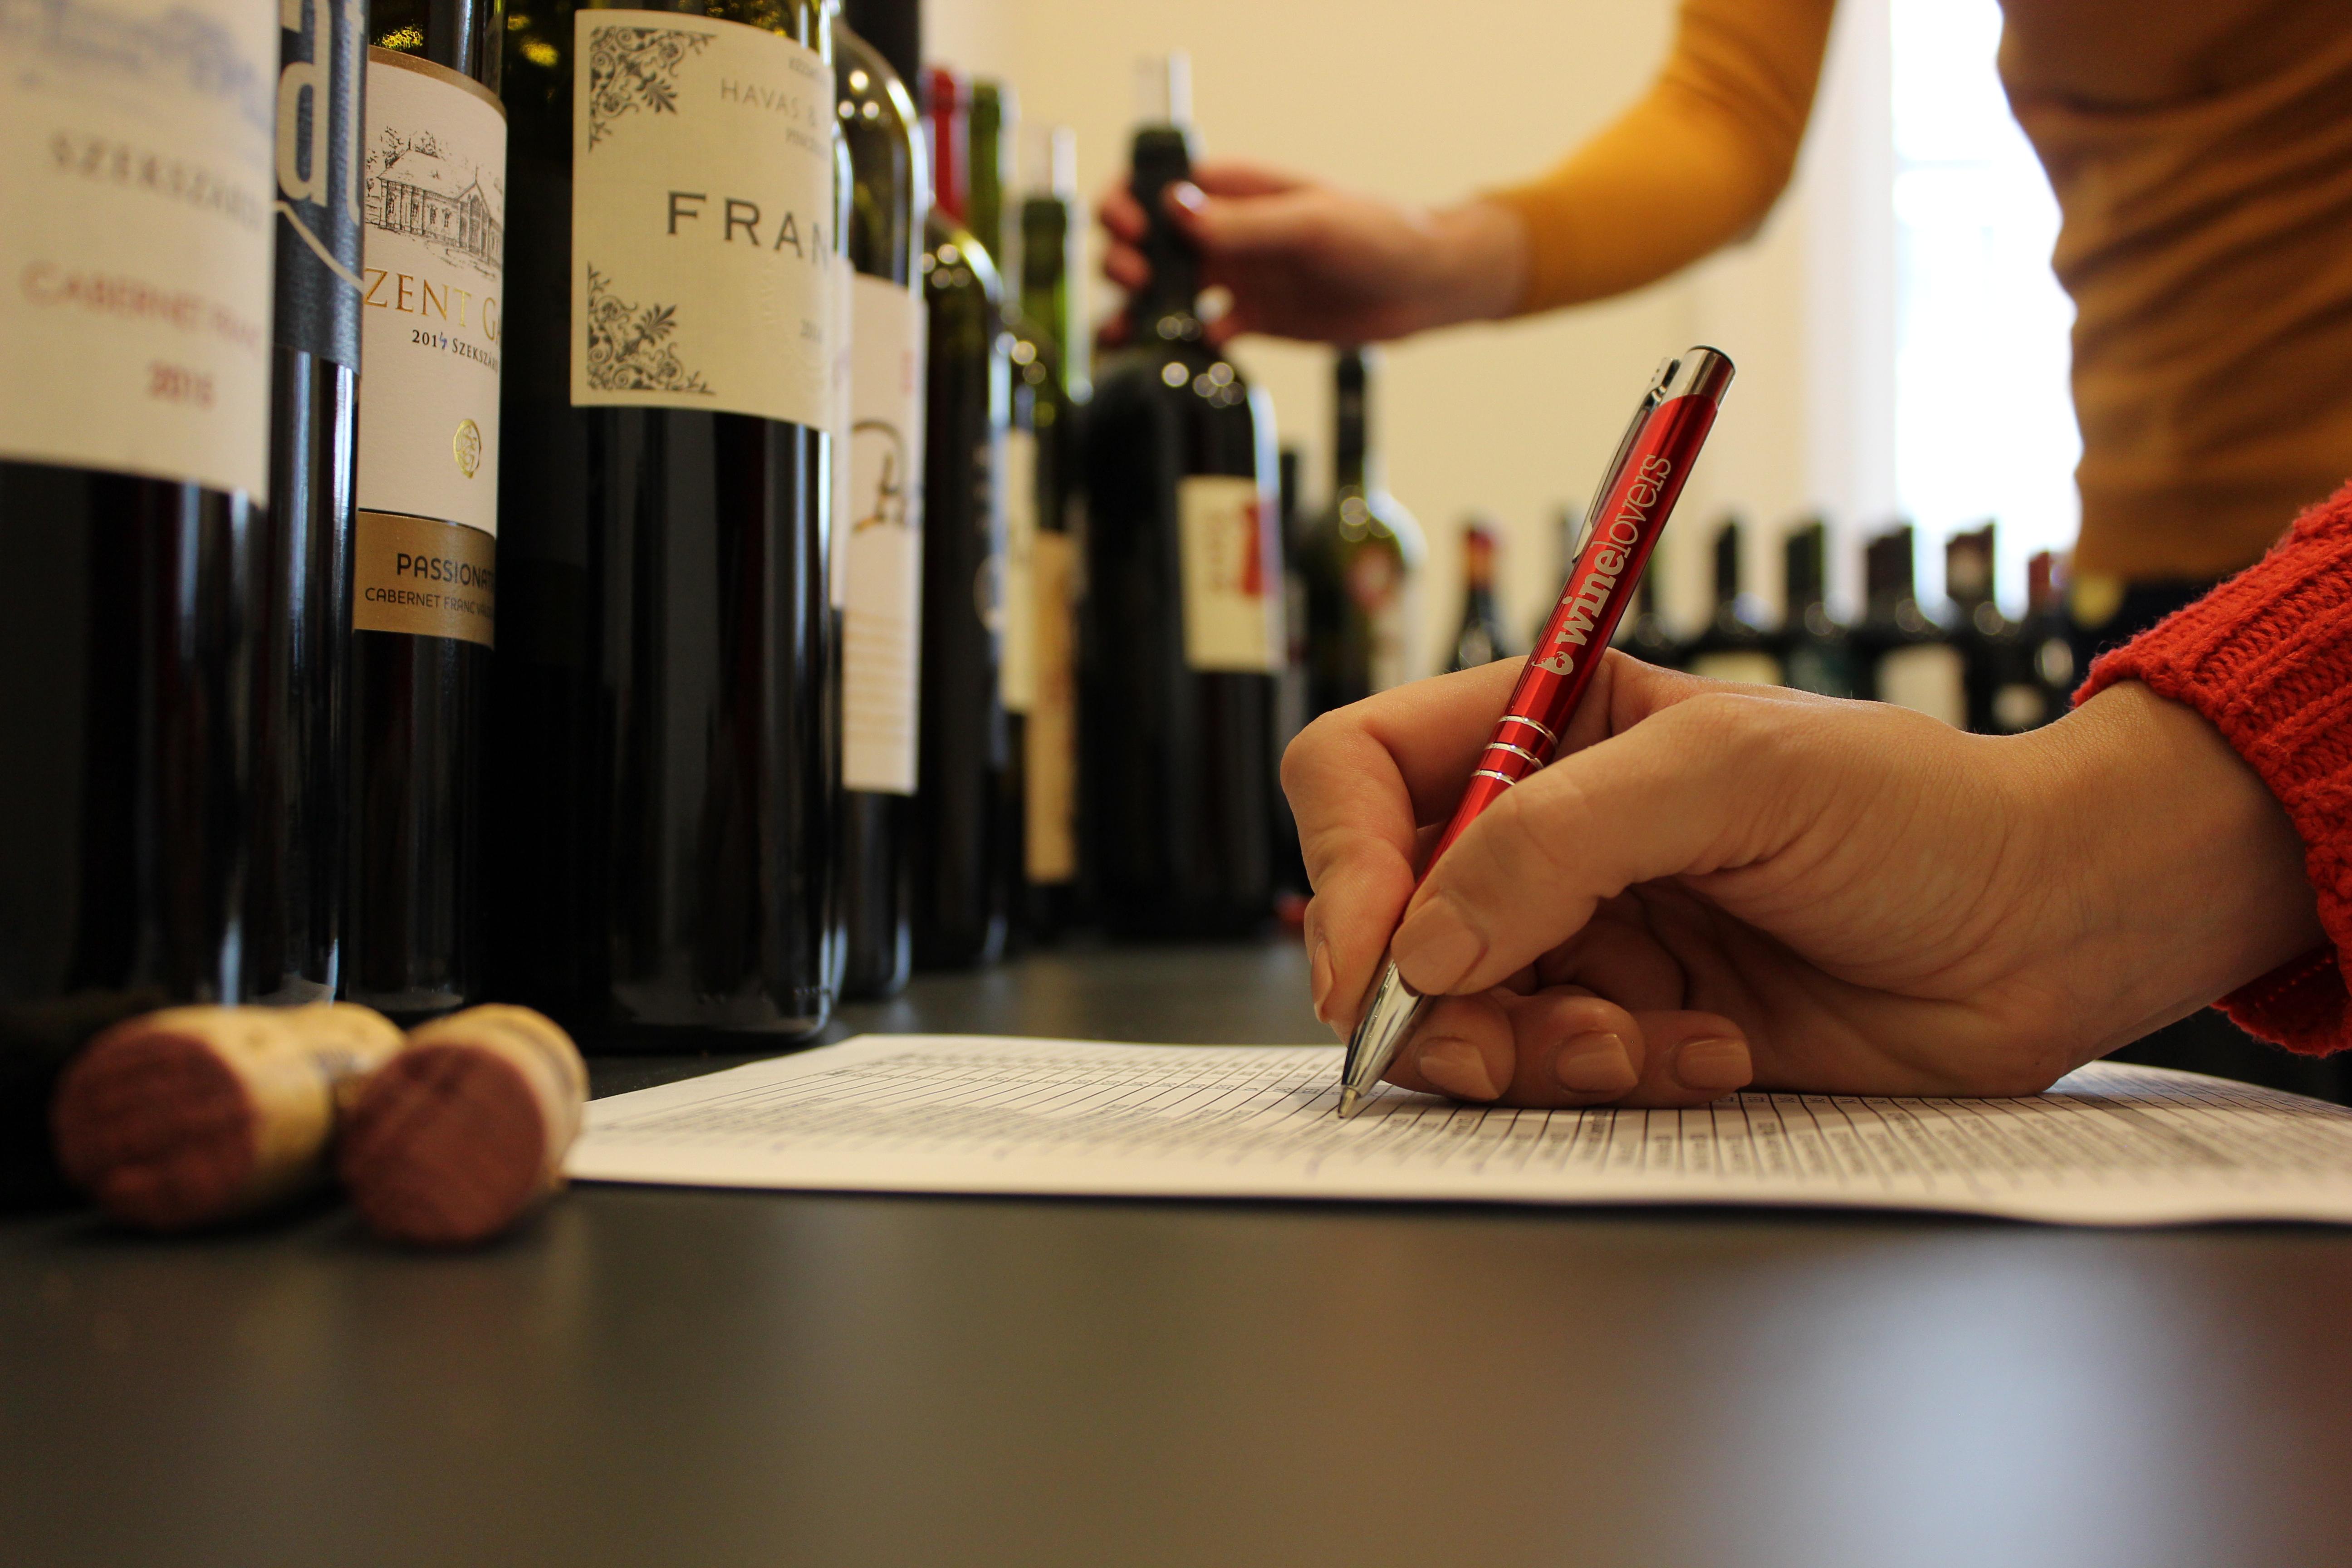 Zsűrizés a borversenyen, Kép: Jáni Annamária